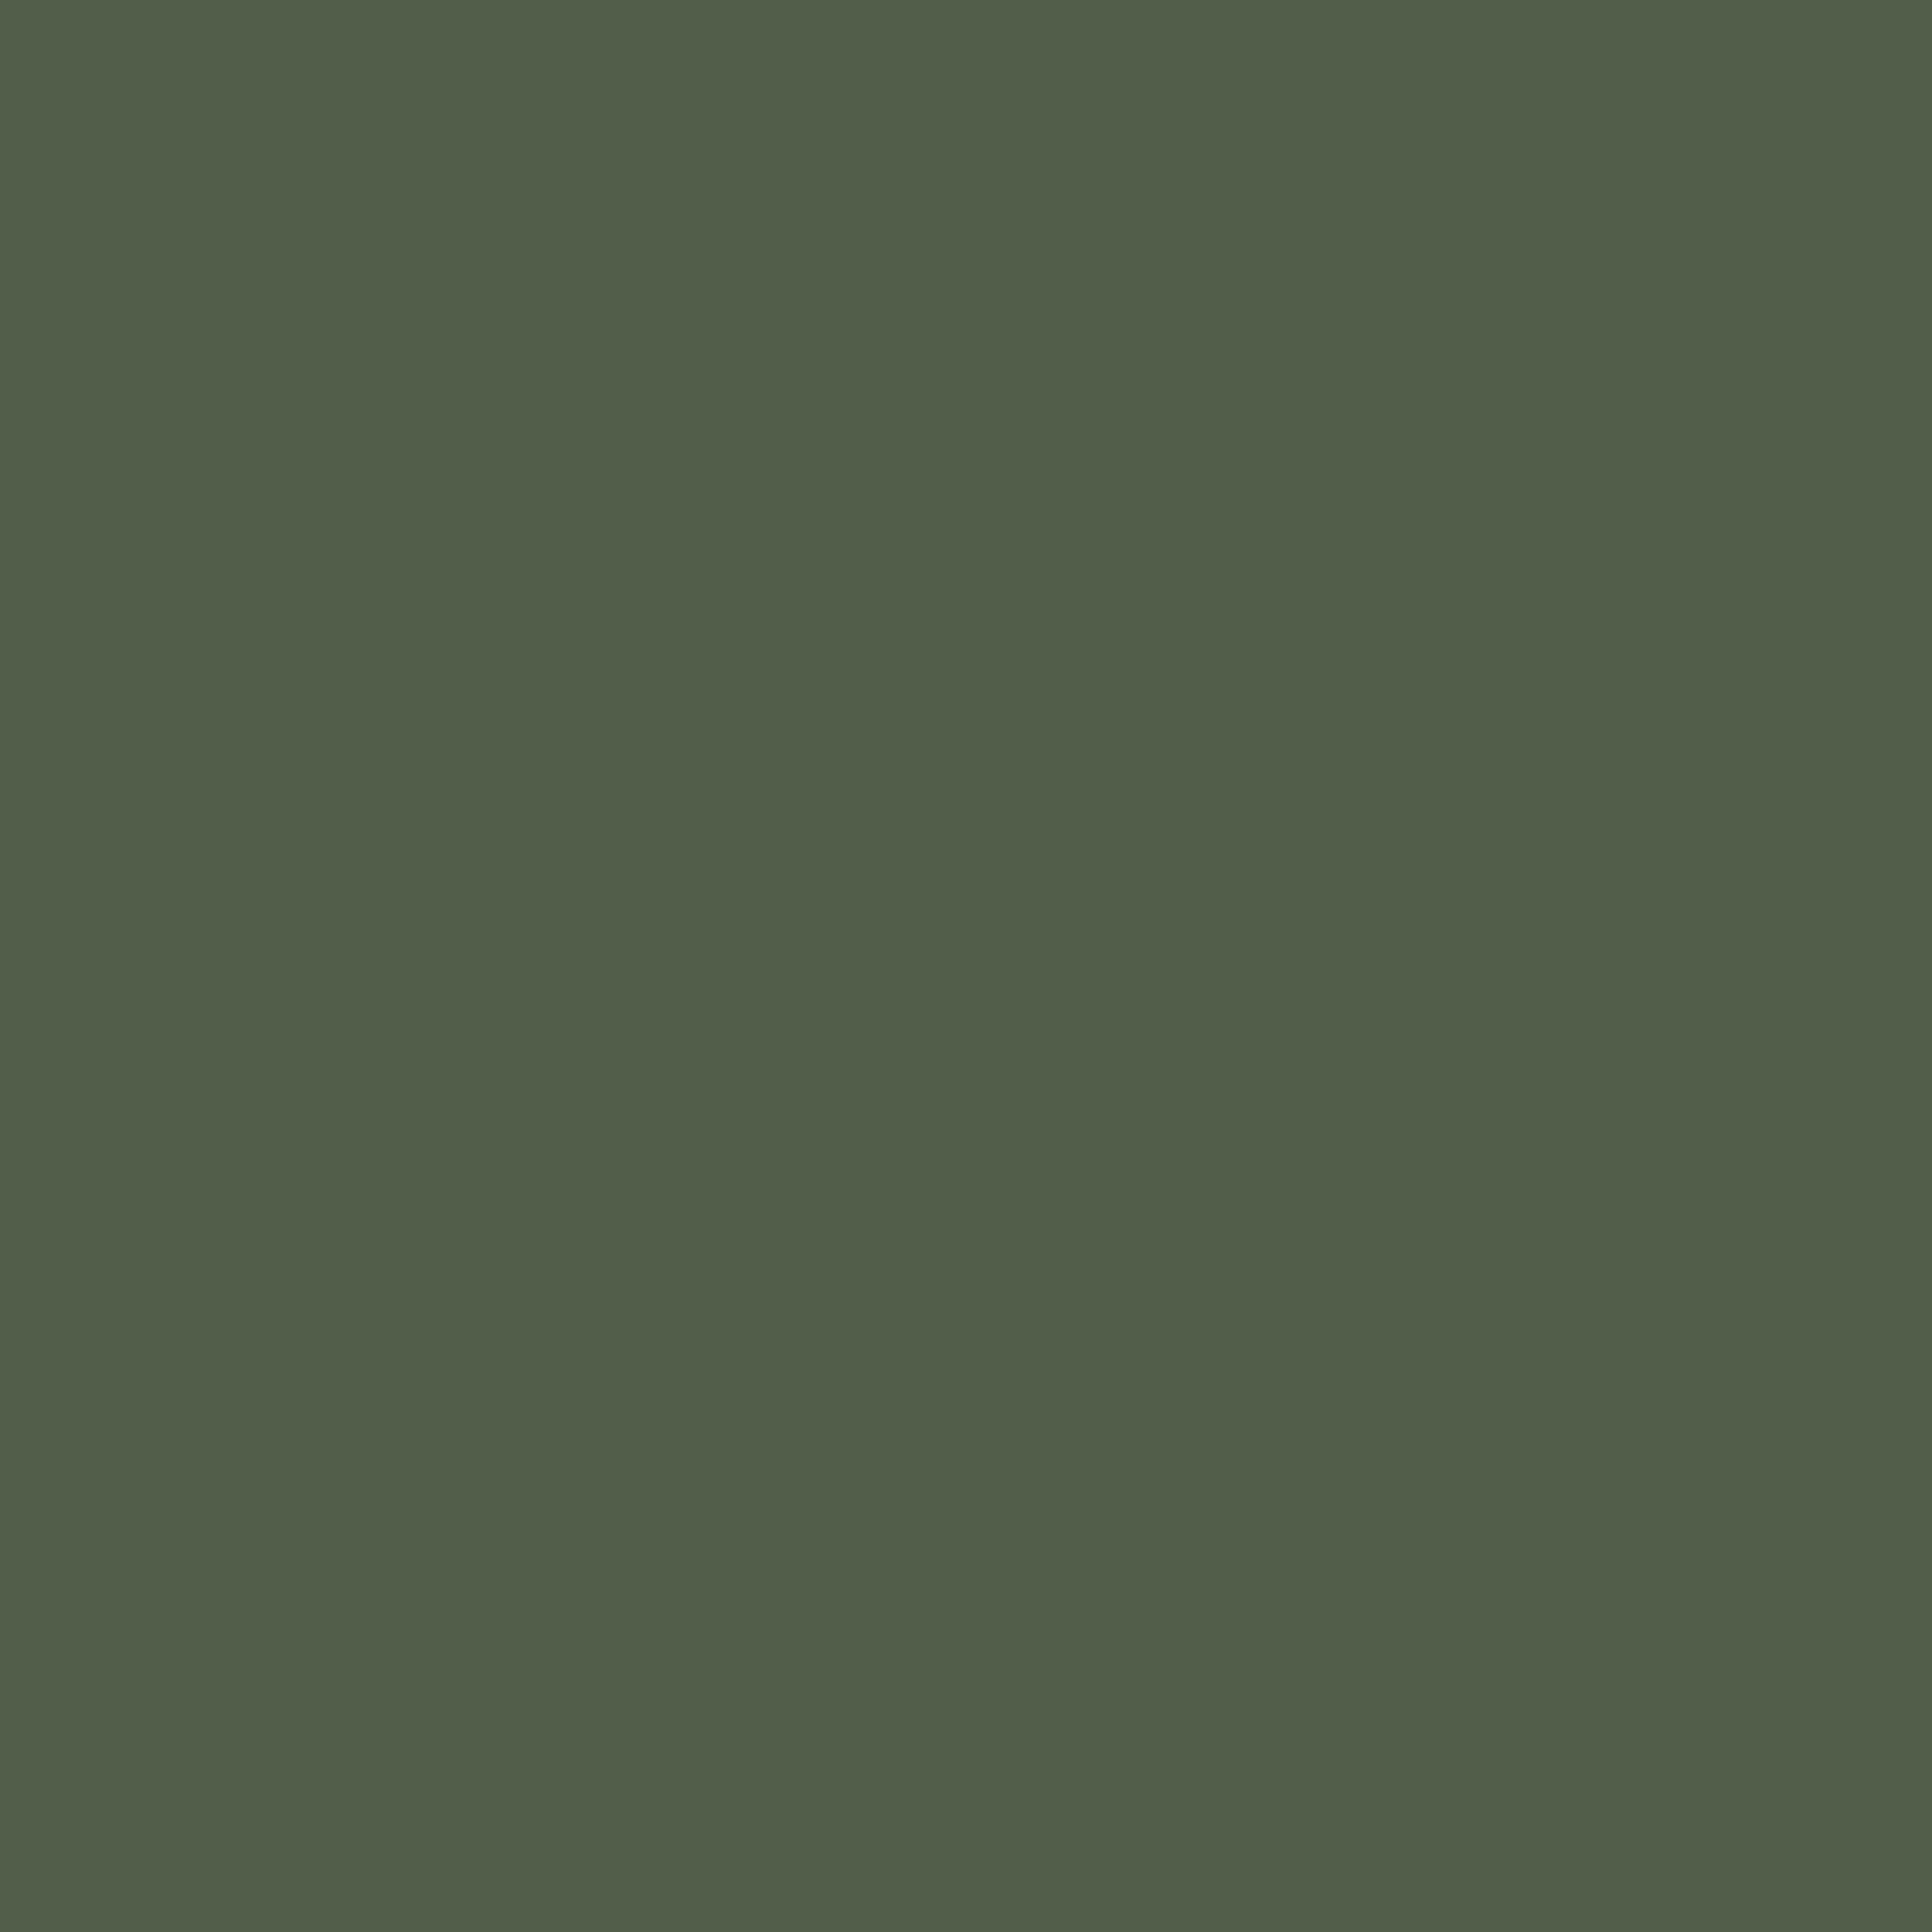 Supplex Verde Musgo